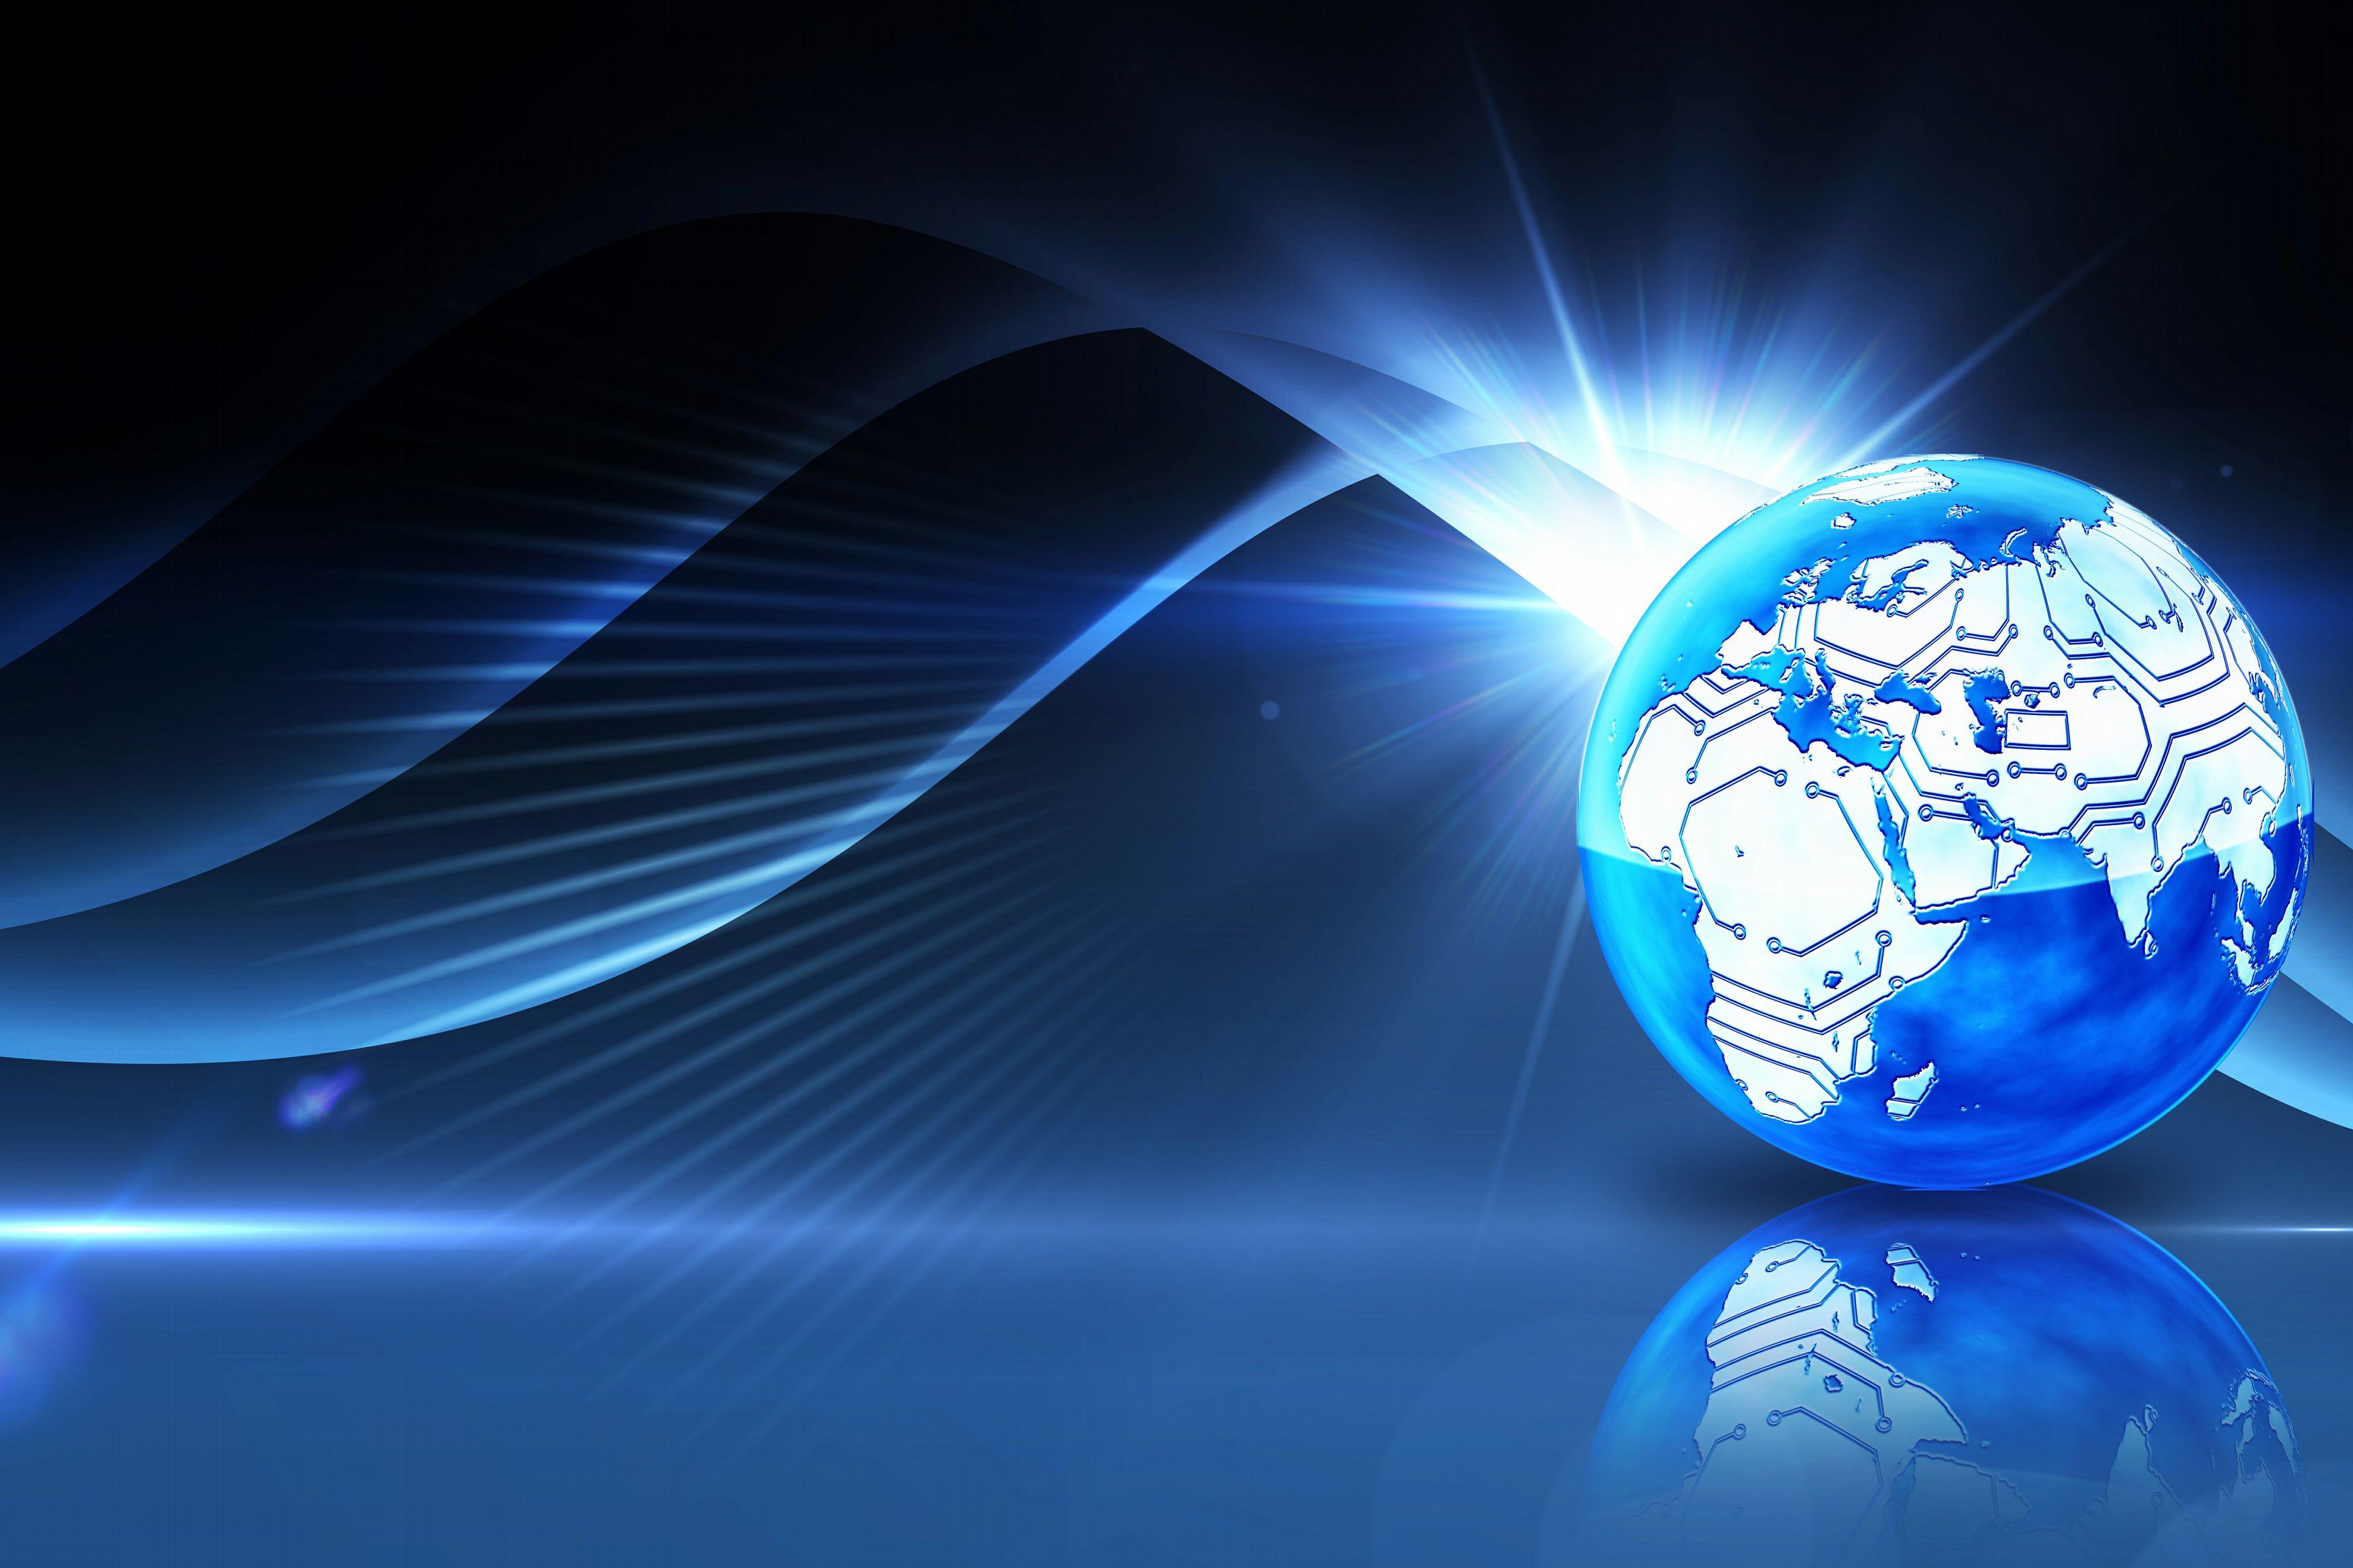 数据港(603881.SH)就ZH13等项目与阿里巴巴签署具法律效力的合作备忘录